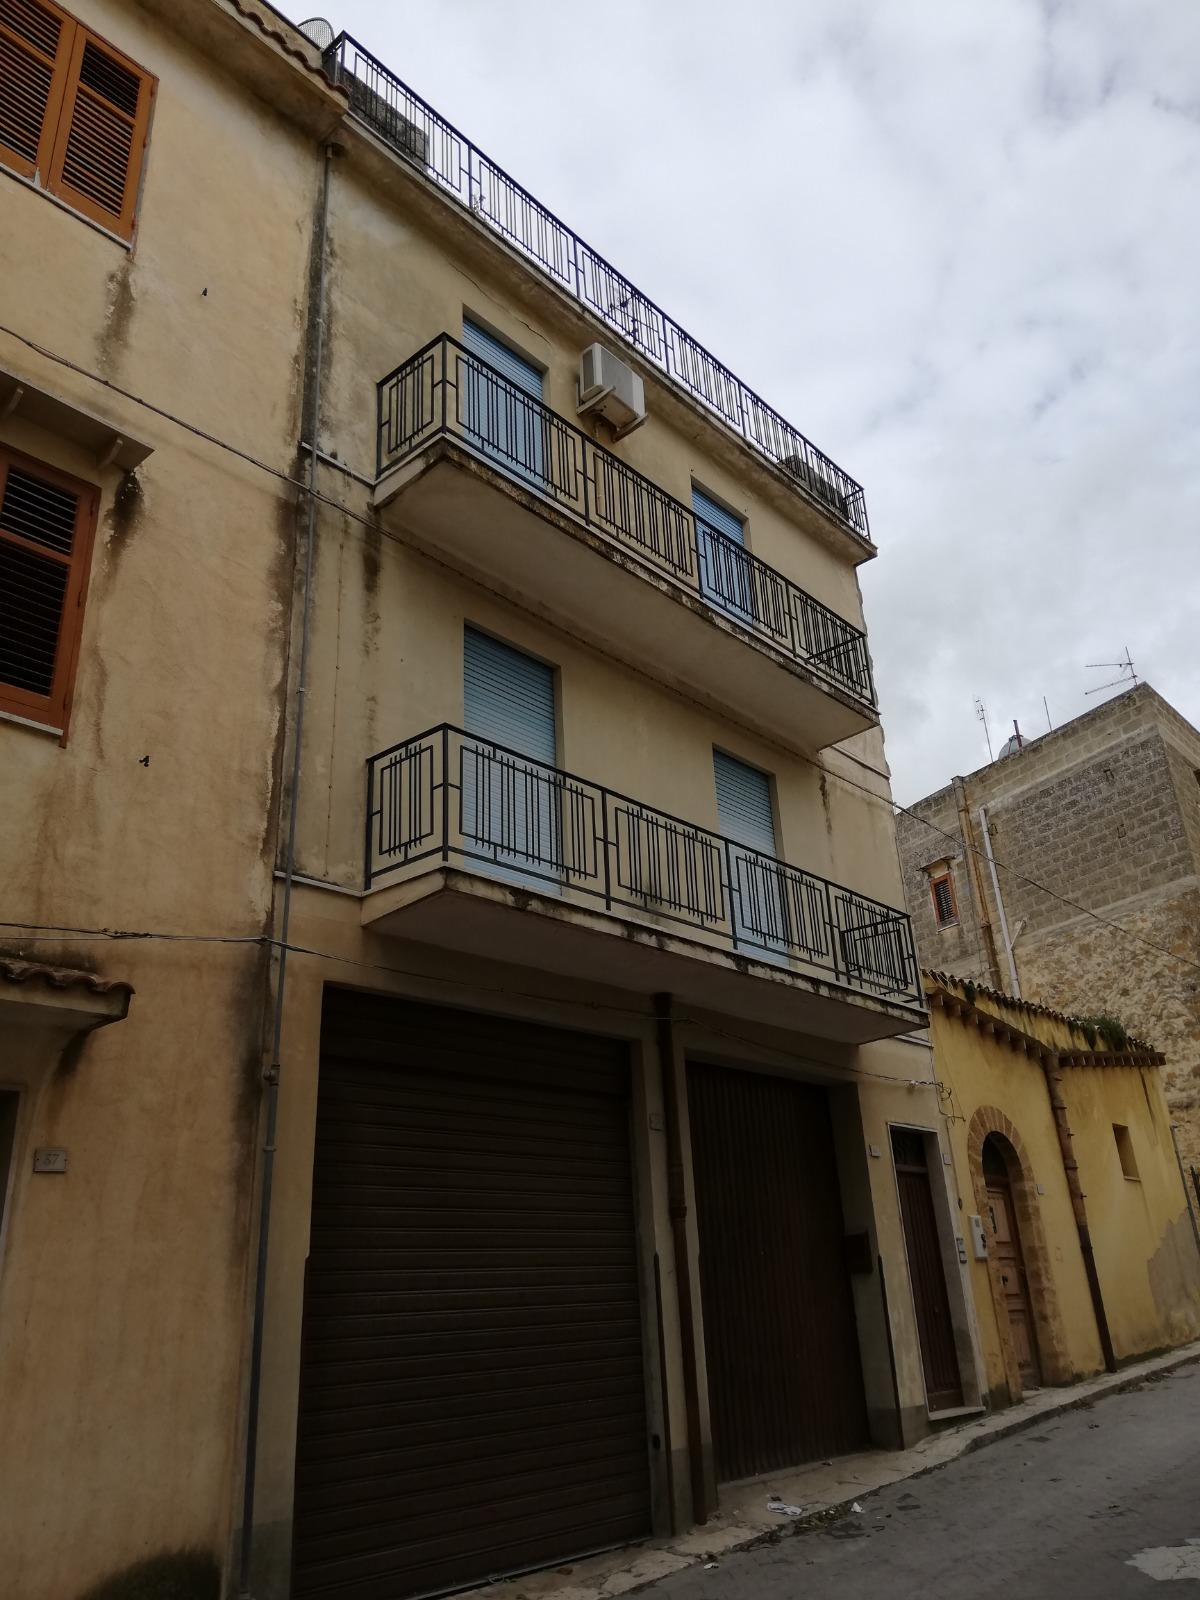 House in Via Belvedere, Sambuca di Sicilia, Sicily